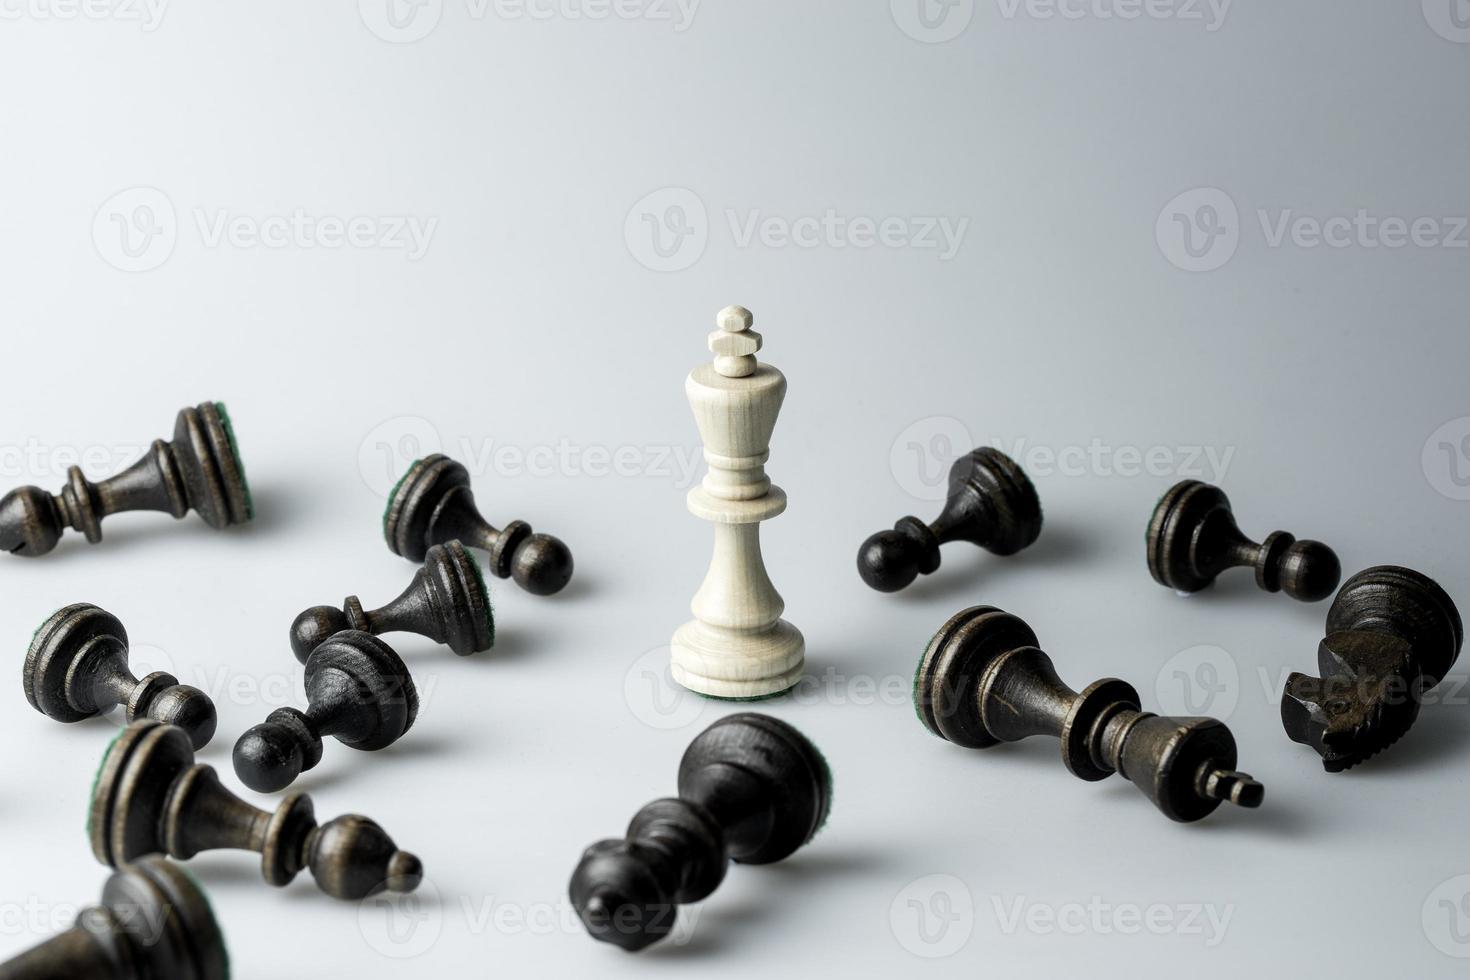 figura de ajedrez, estrategia de concepto de negocio, liderazgo, equipo y éxito foto